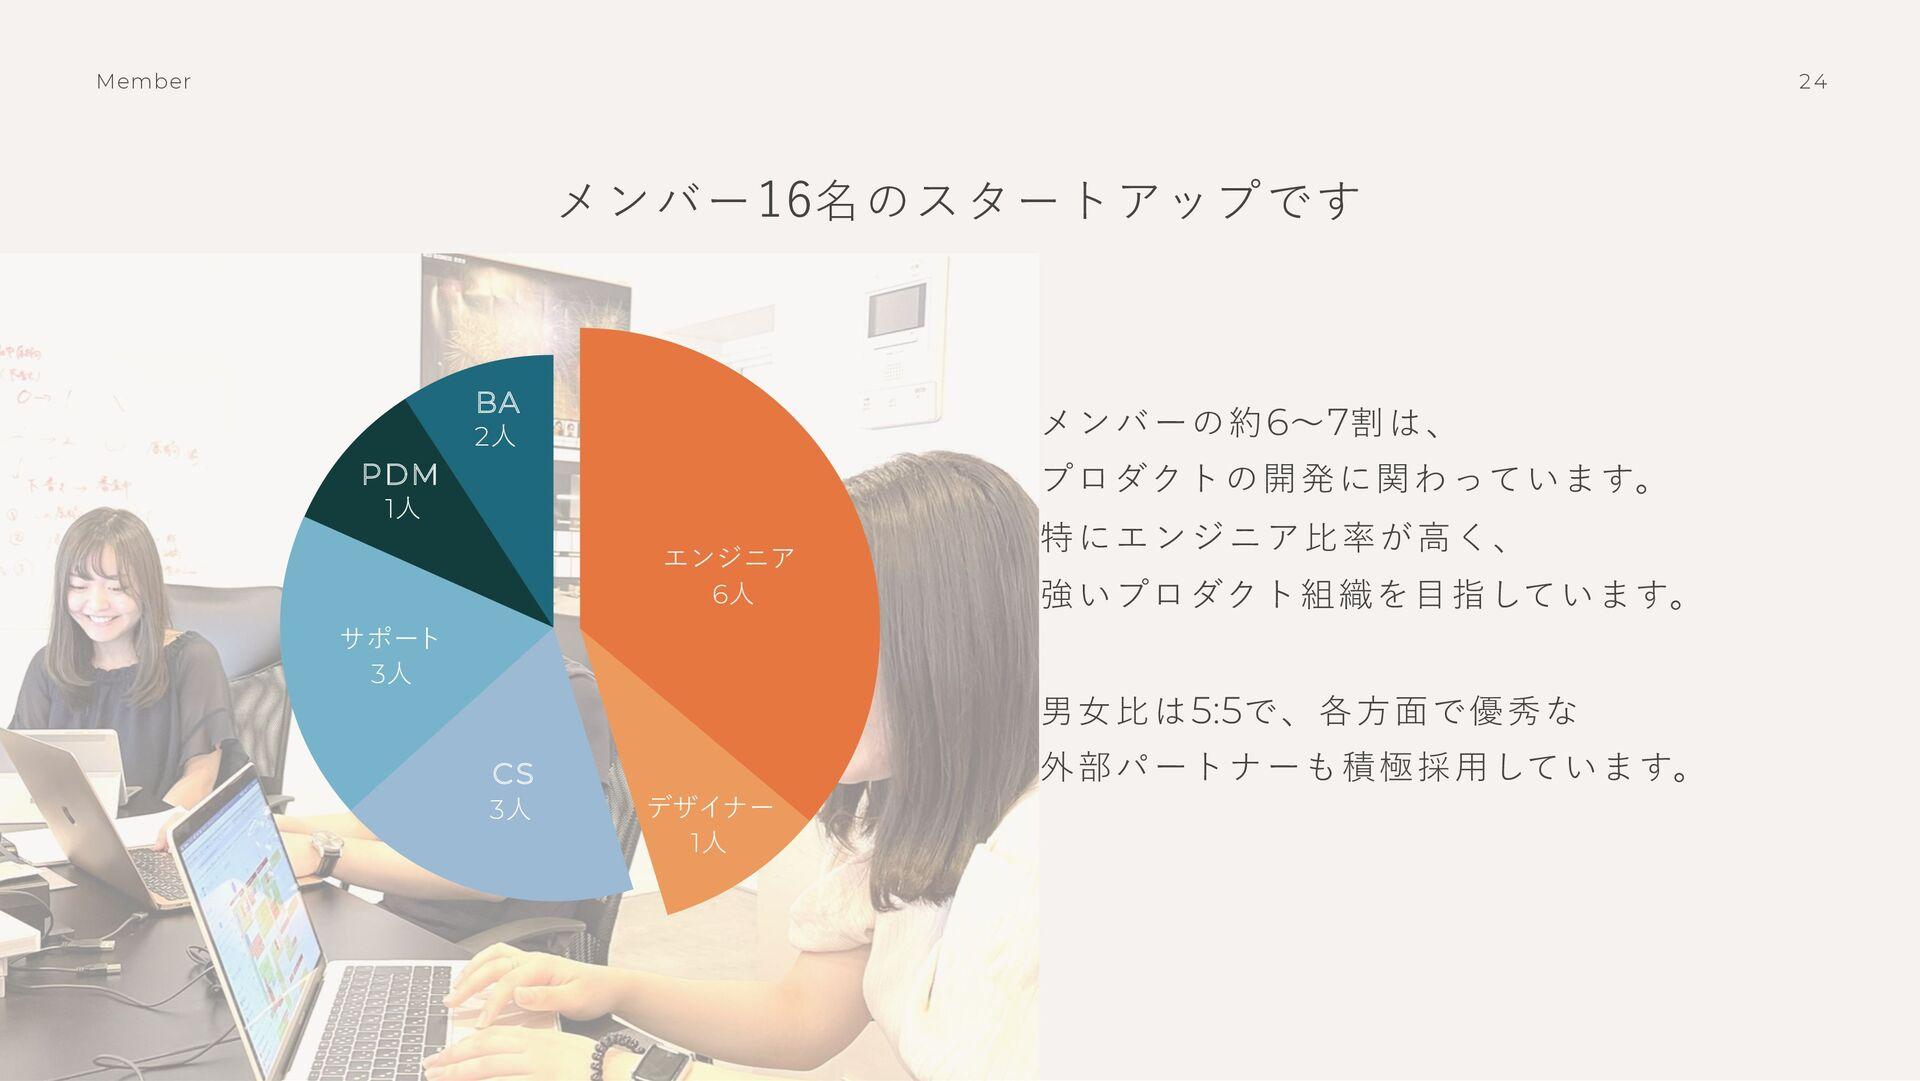 23 Board Member ⽯⿊武⼠ 代表取締役 共同代表 鈴⽊みずほ 事業戦略、プロダク...